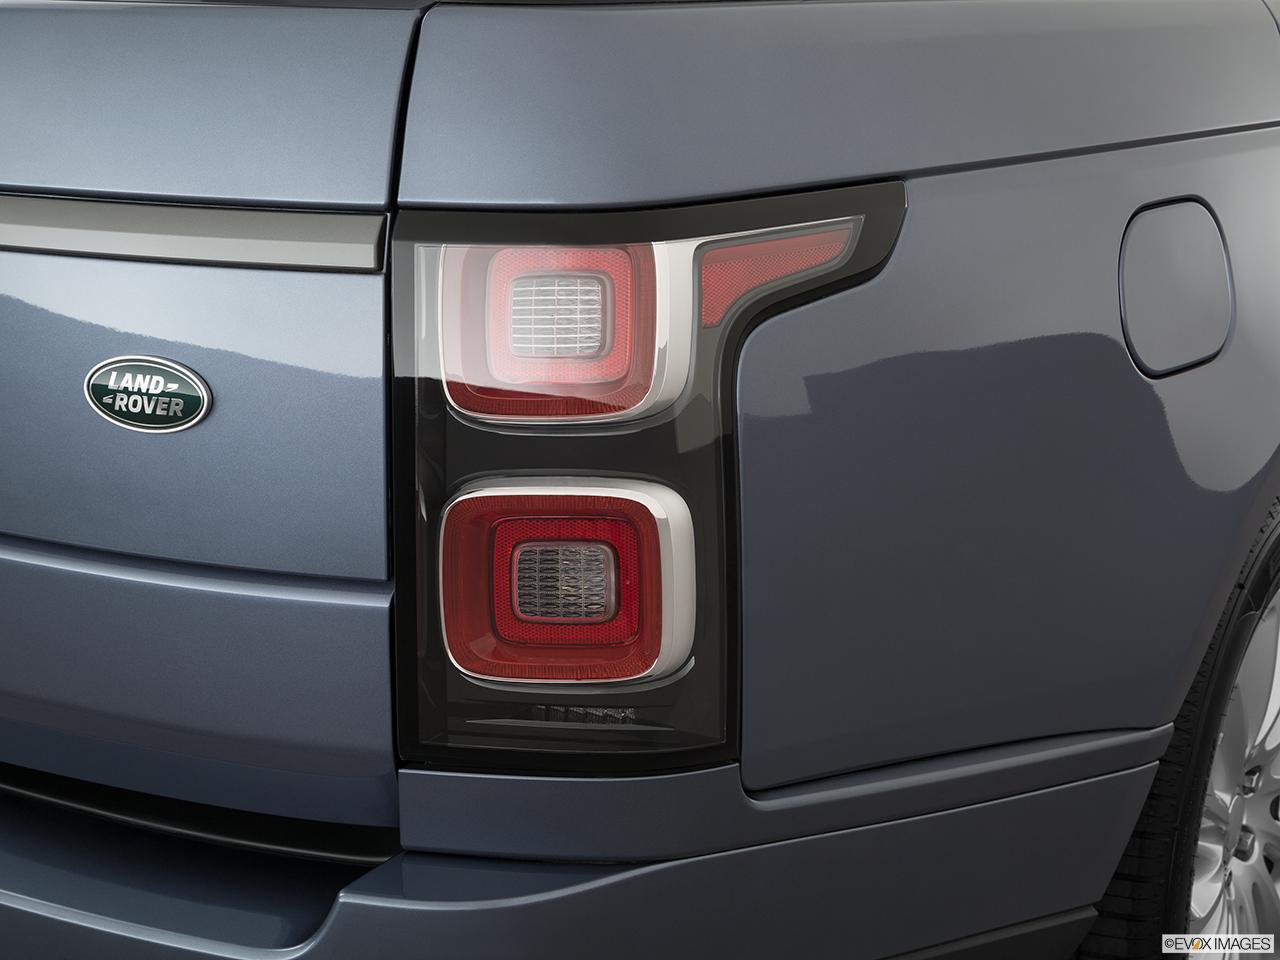 2019 Land Rover Range Rover photo